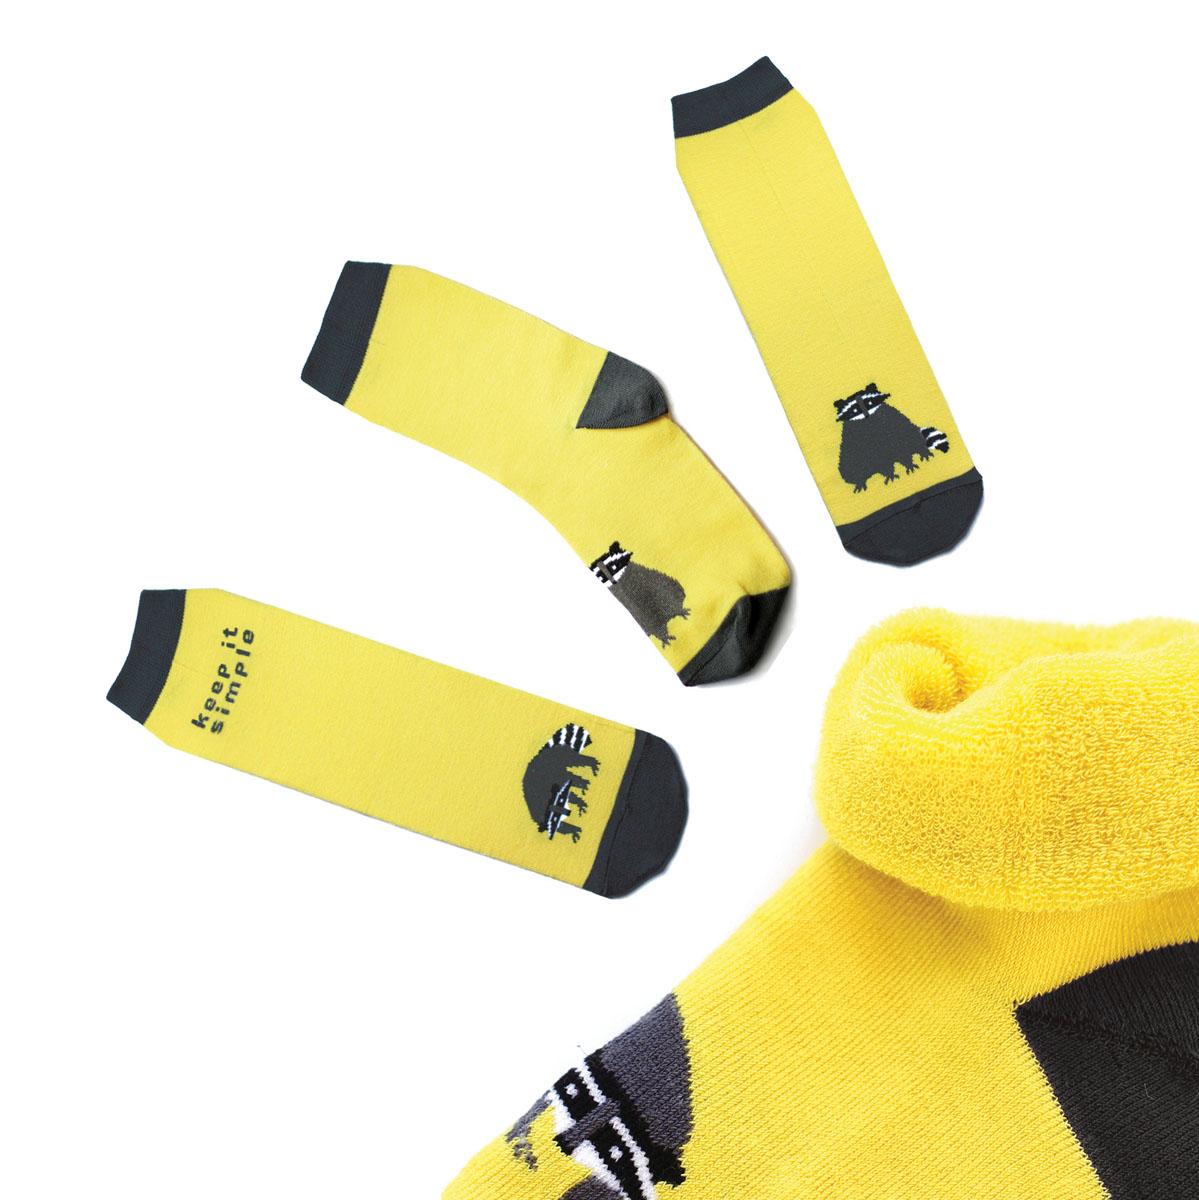 Носки мужские Big Bang Socks, махровые, цвет: желтый, черный. ca1233. Размер 40/44ca1233_махровыеМужские махровые носки Big Bang Socks изготовлены из высококачественного хлопка с добавлением полиамидных и эластановых волокон, которые обеспечивают великолепную посадку. Носки отличаются ярким стильным дизайном, они оформлены изображением енота и надписью: Keep it simple. Удобная широкая резинка идеально облегает ногу и не пережимает сосуды, усиленные пятка и мысок повышают износоустойчивость носка, а удлиненный паголенок придает более эстетичный вид. Дизайнерские носки Big Bang Socks - яркая деталь в вашем образе и оригинальный подарок для друзей и близких.